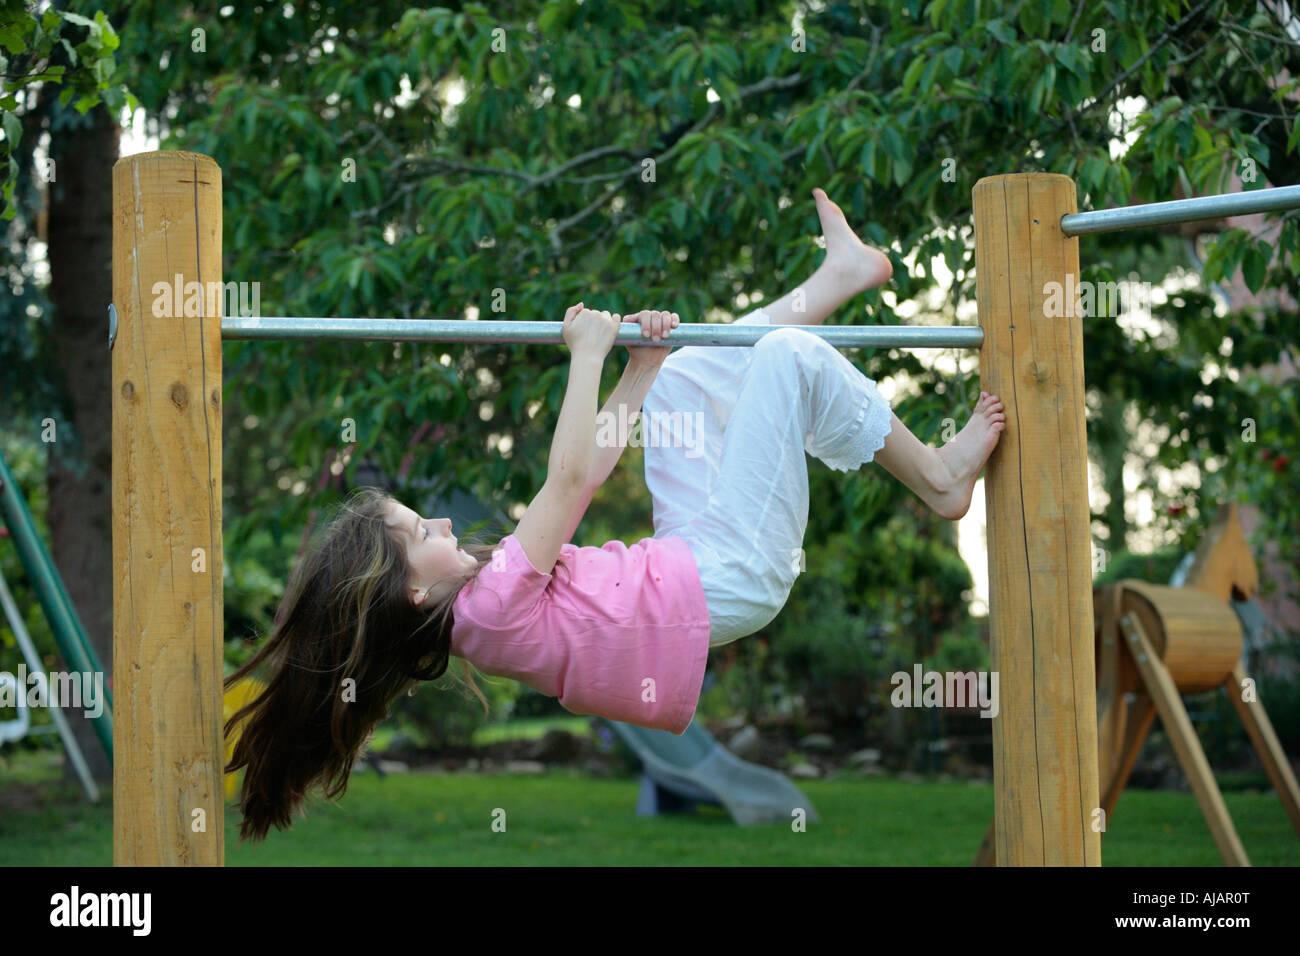 Klettergerüst Monkey Bar Gebraucht : Ein junges mädchen klettern klettergerüst stockfoto bild